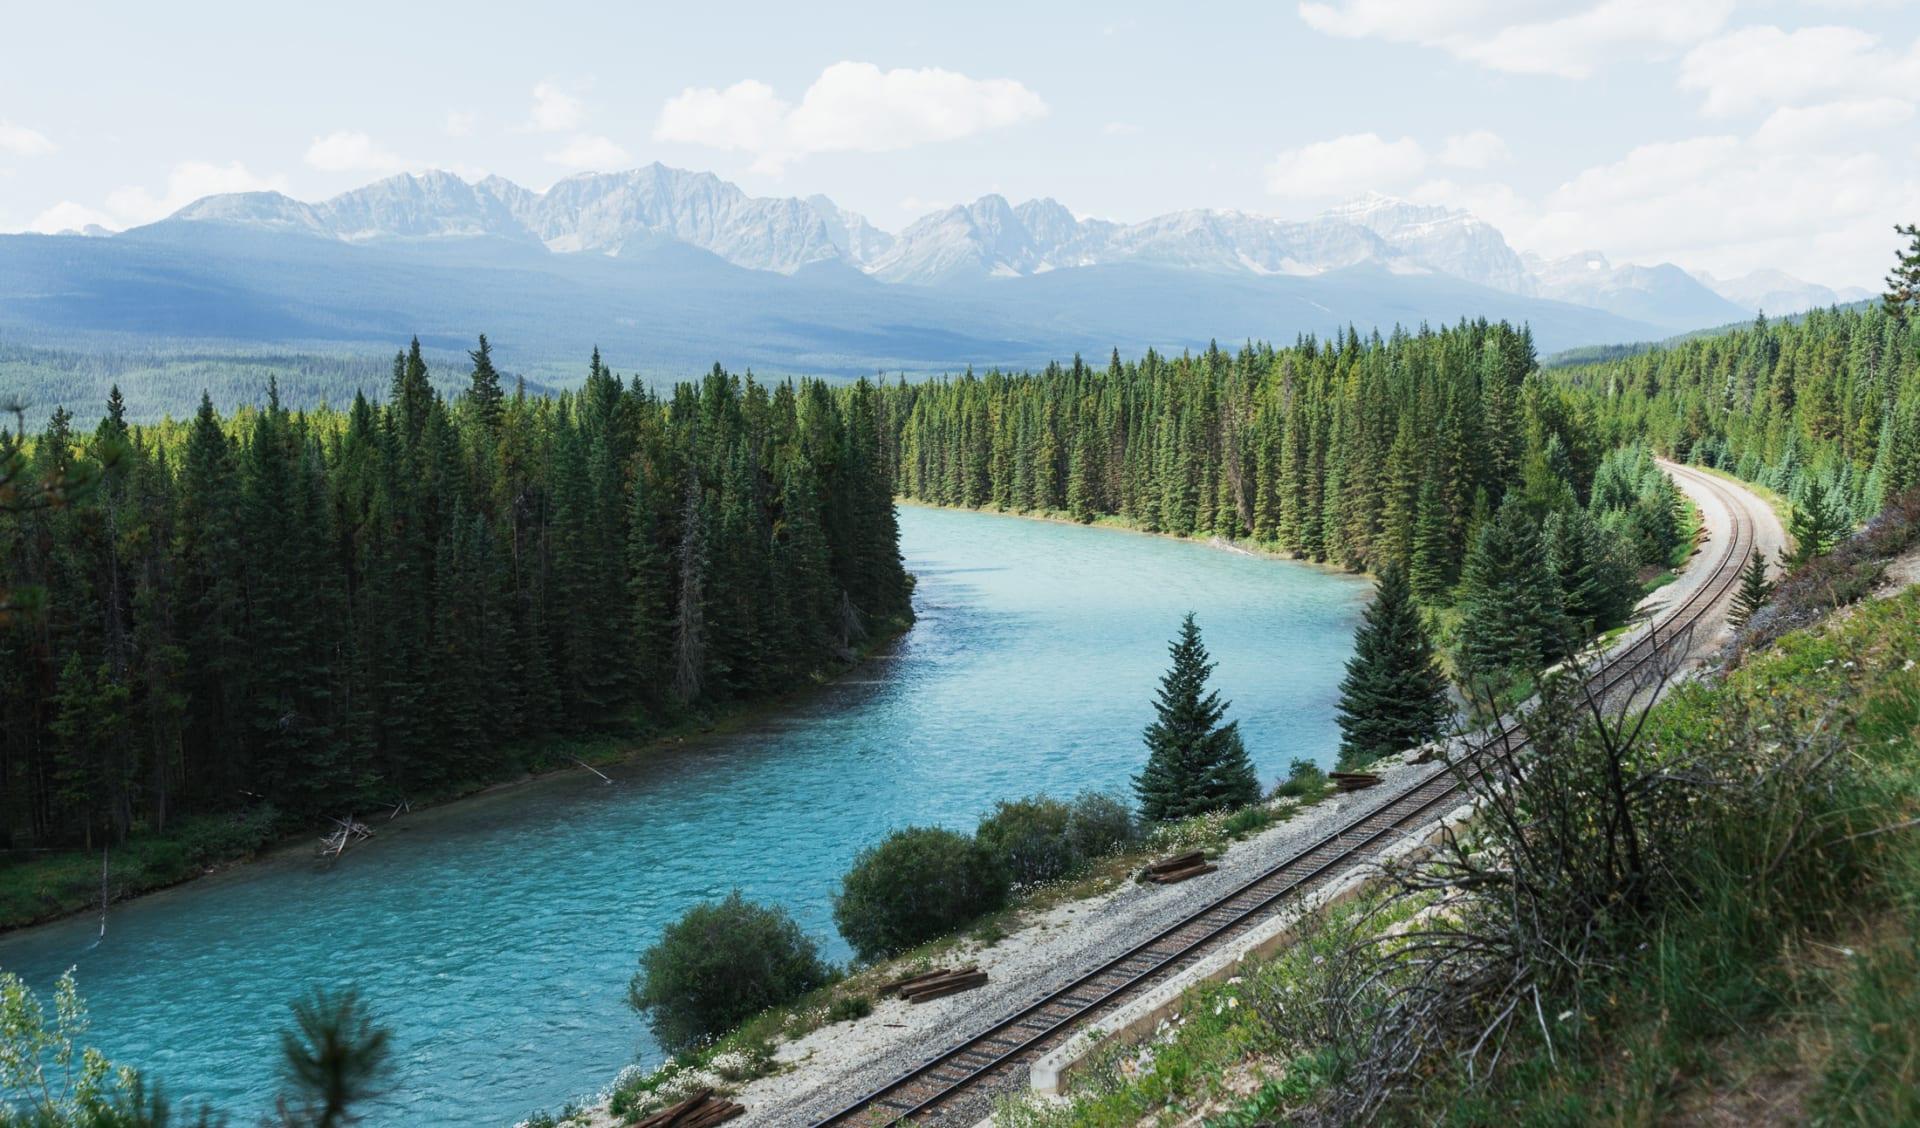 Morats Curve, Banff, AB, Canada